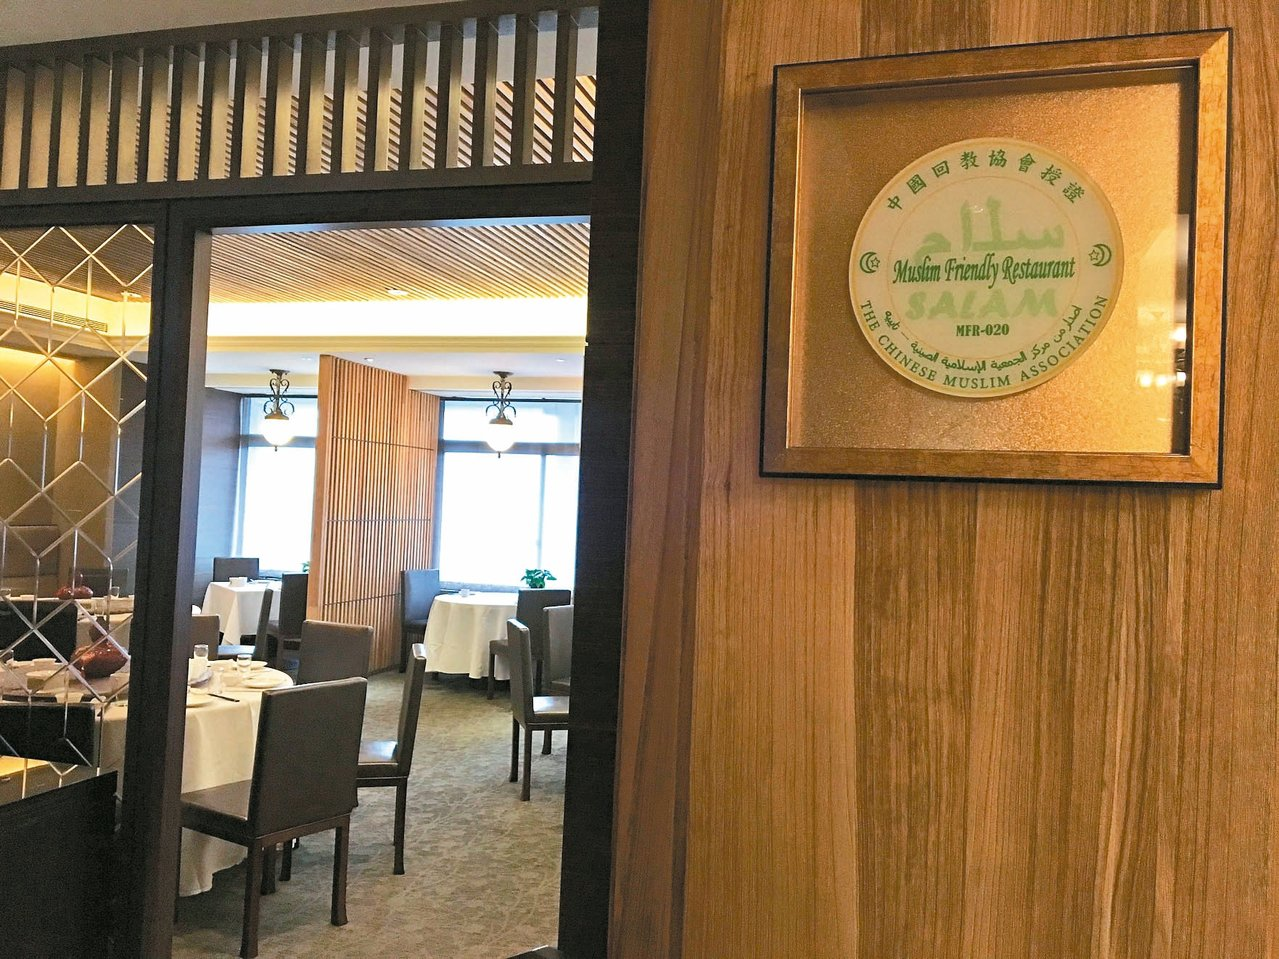 清真餐旅認證的飯店及餐廳,飲食皆是「符合教規的食物」,才能讓穆斯林能夠放心享用餐...